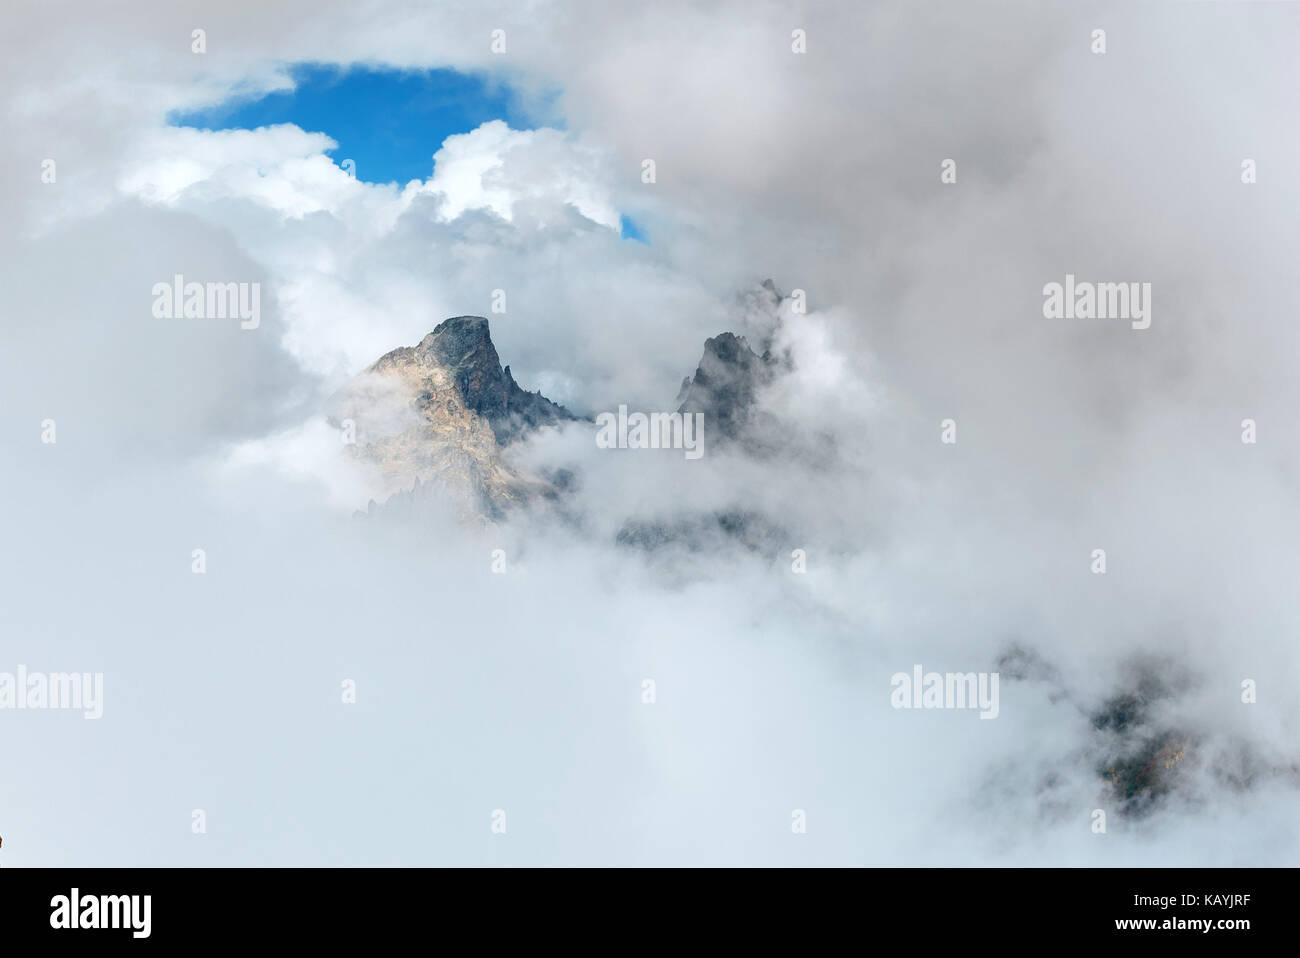 Una espesa niebla en el paso de montaña goulet. Georgia svaneti, montañas del Cáucaso. Imagen De Stock